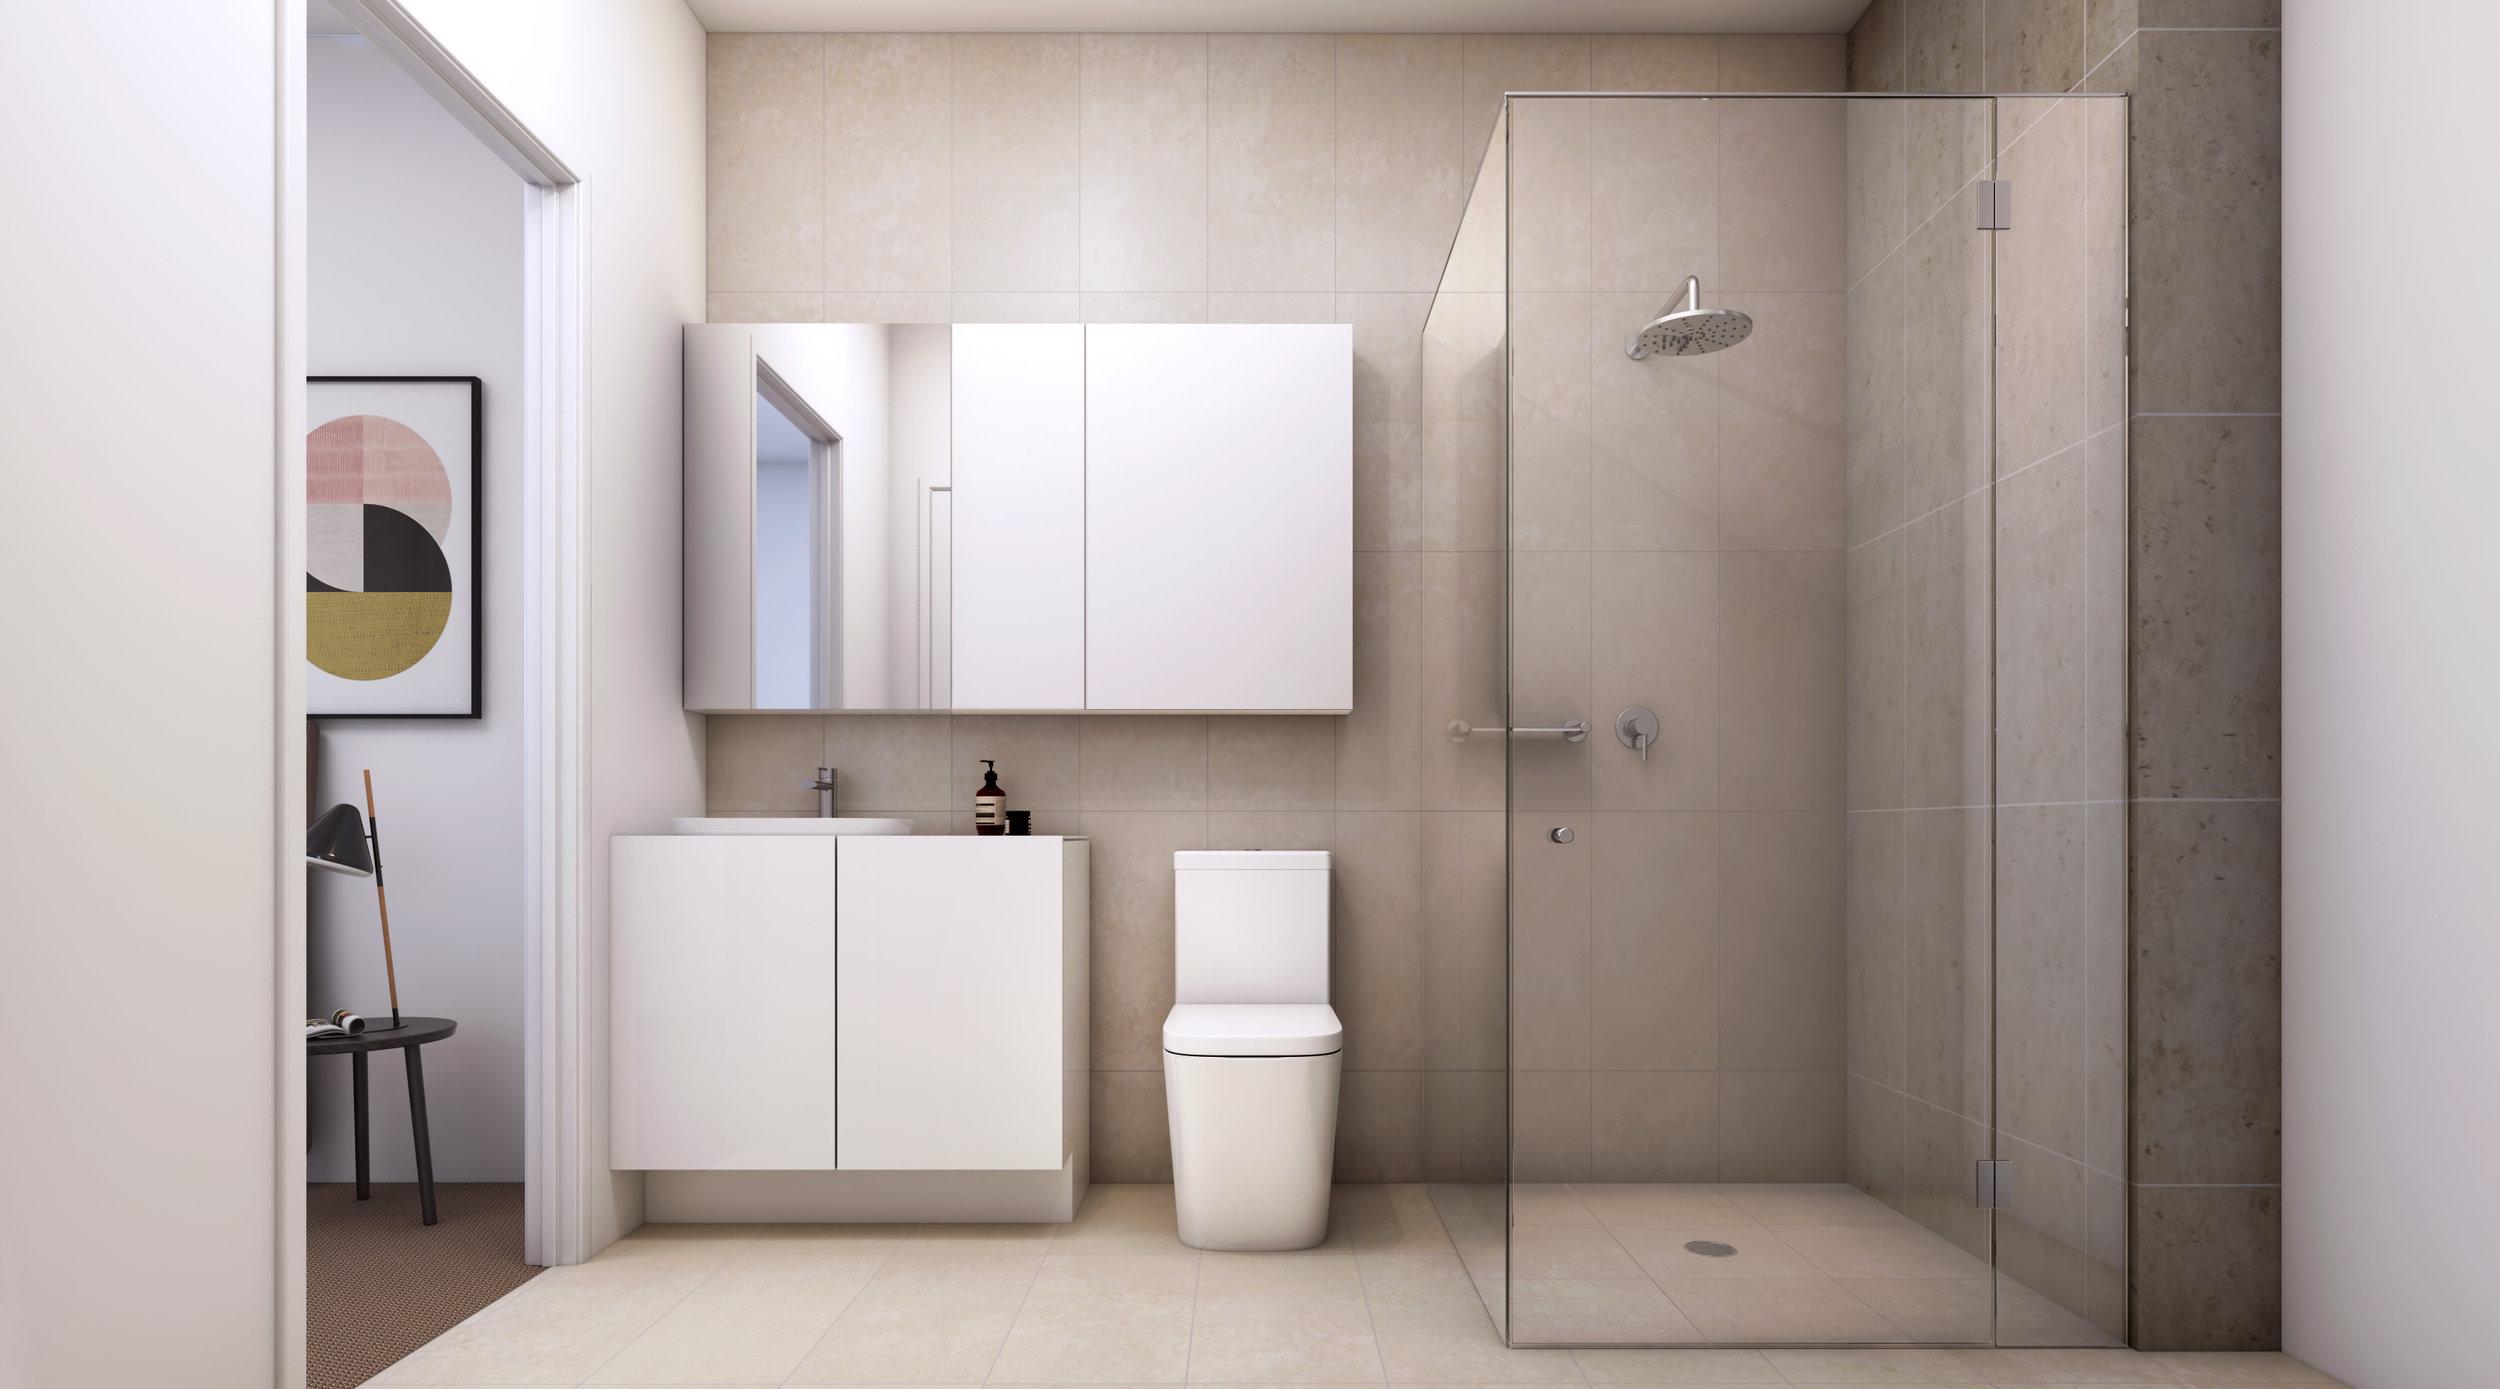 3YPG_Bathroom_3500px.jpg